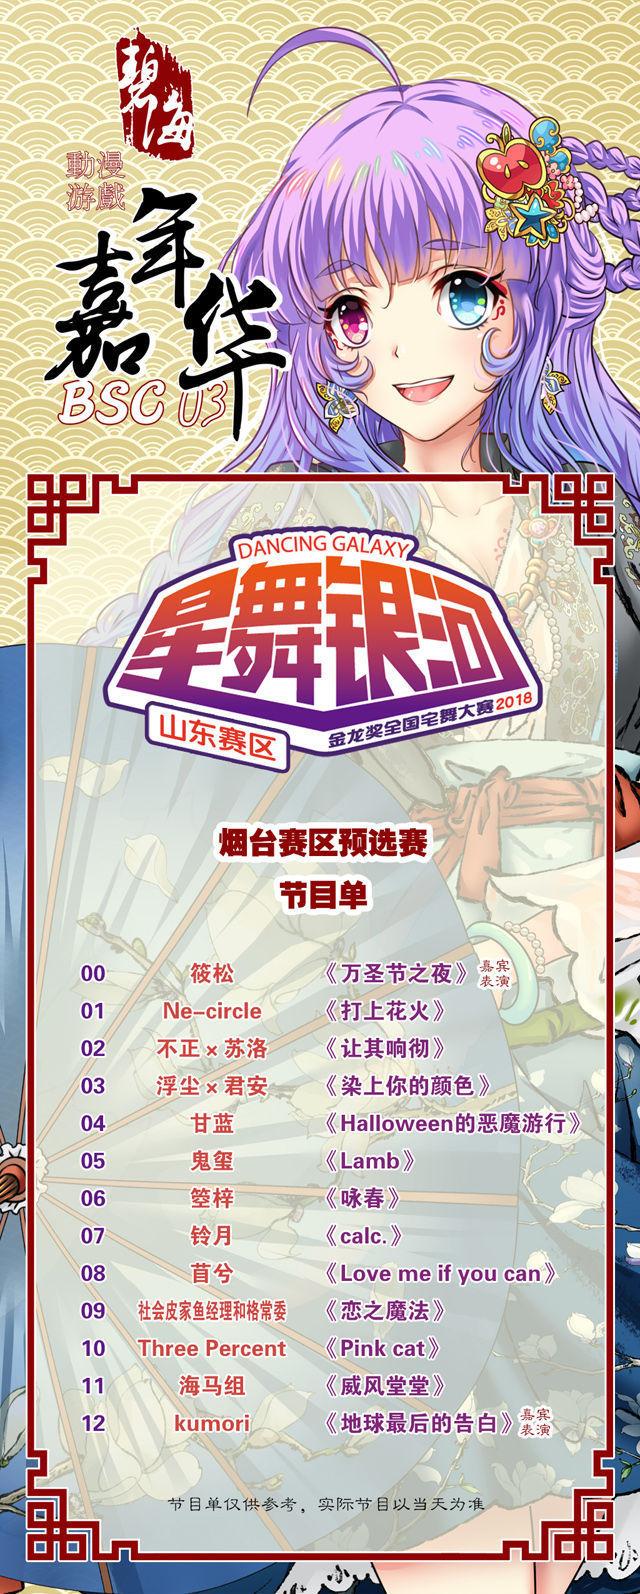 碧海动漫游戏嘉年华终宣 五一和碧海娘一起玩啊